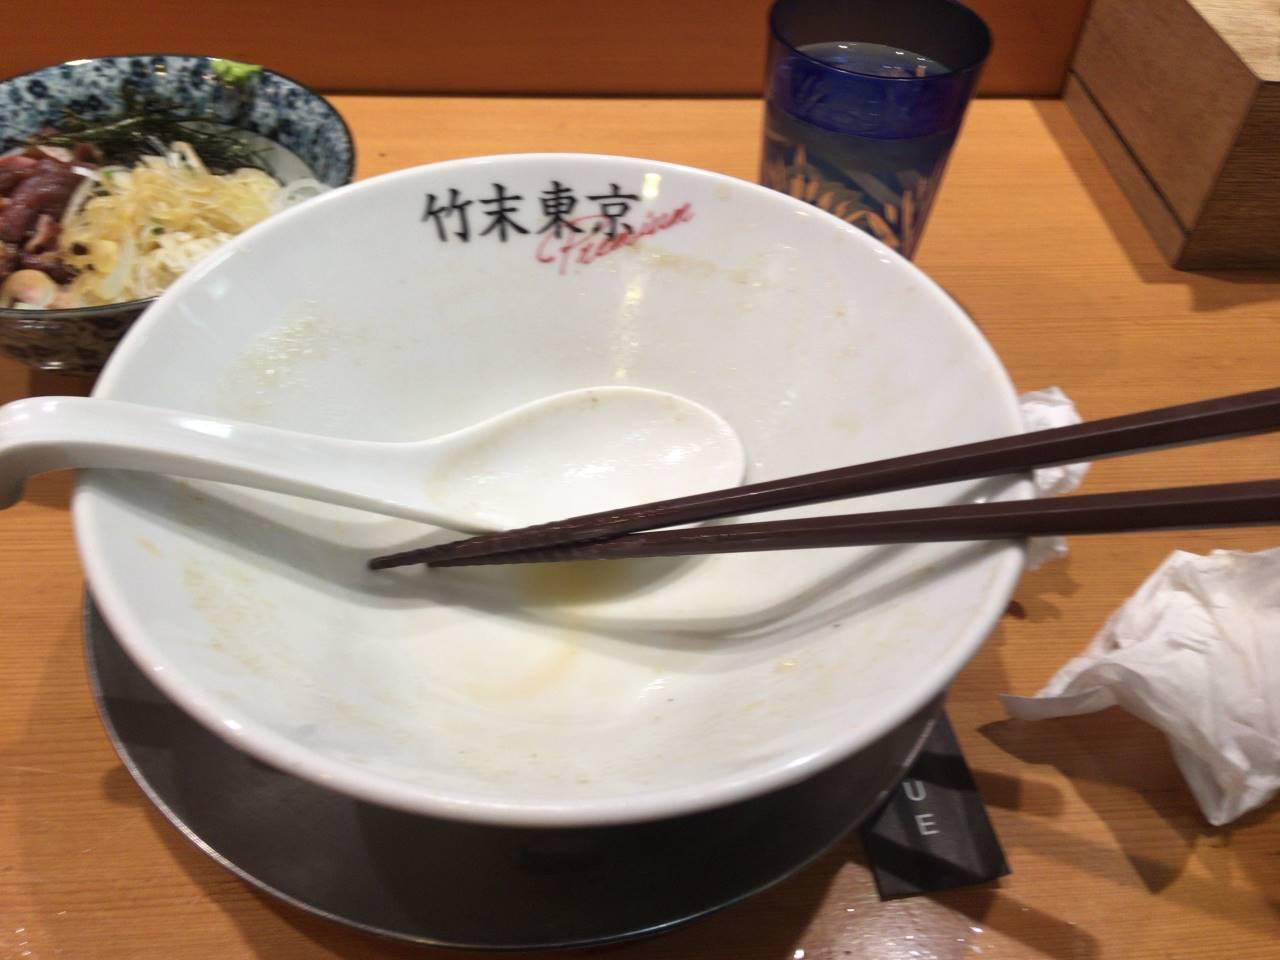 食べ終えた丼 ヤシオマスの塩そば|竹末東京プレミアム